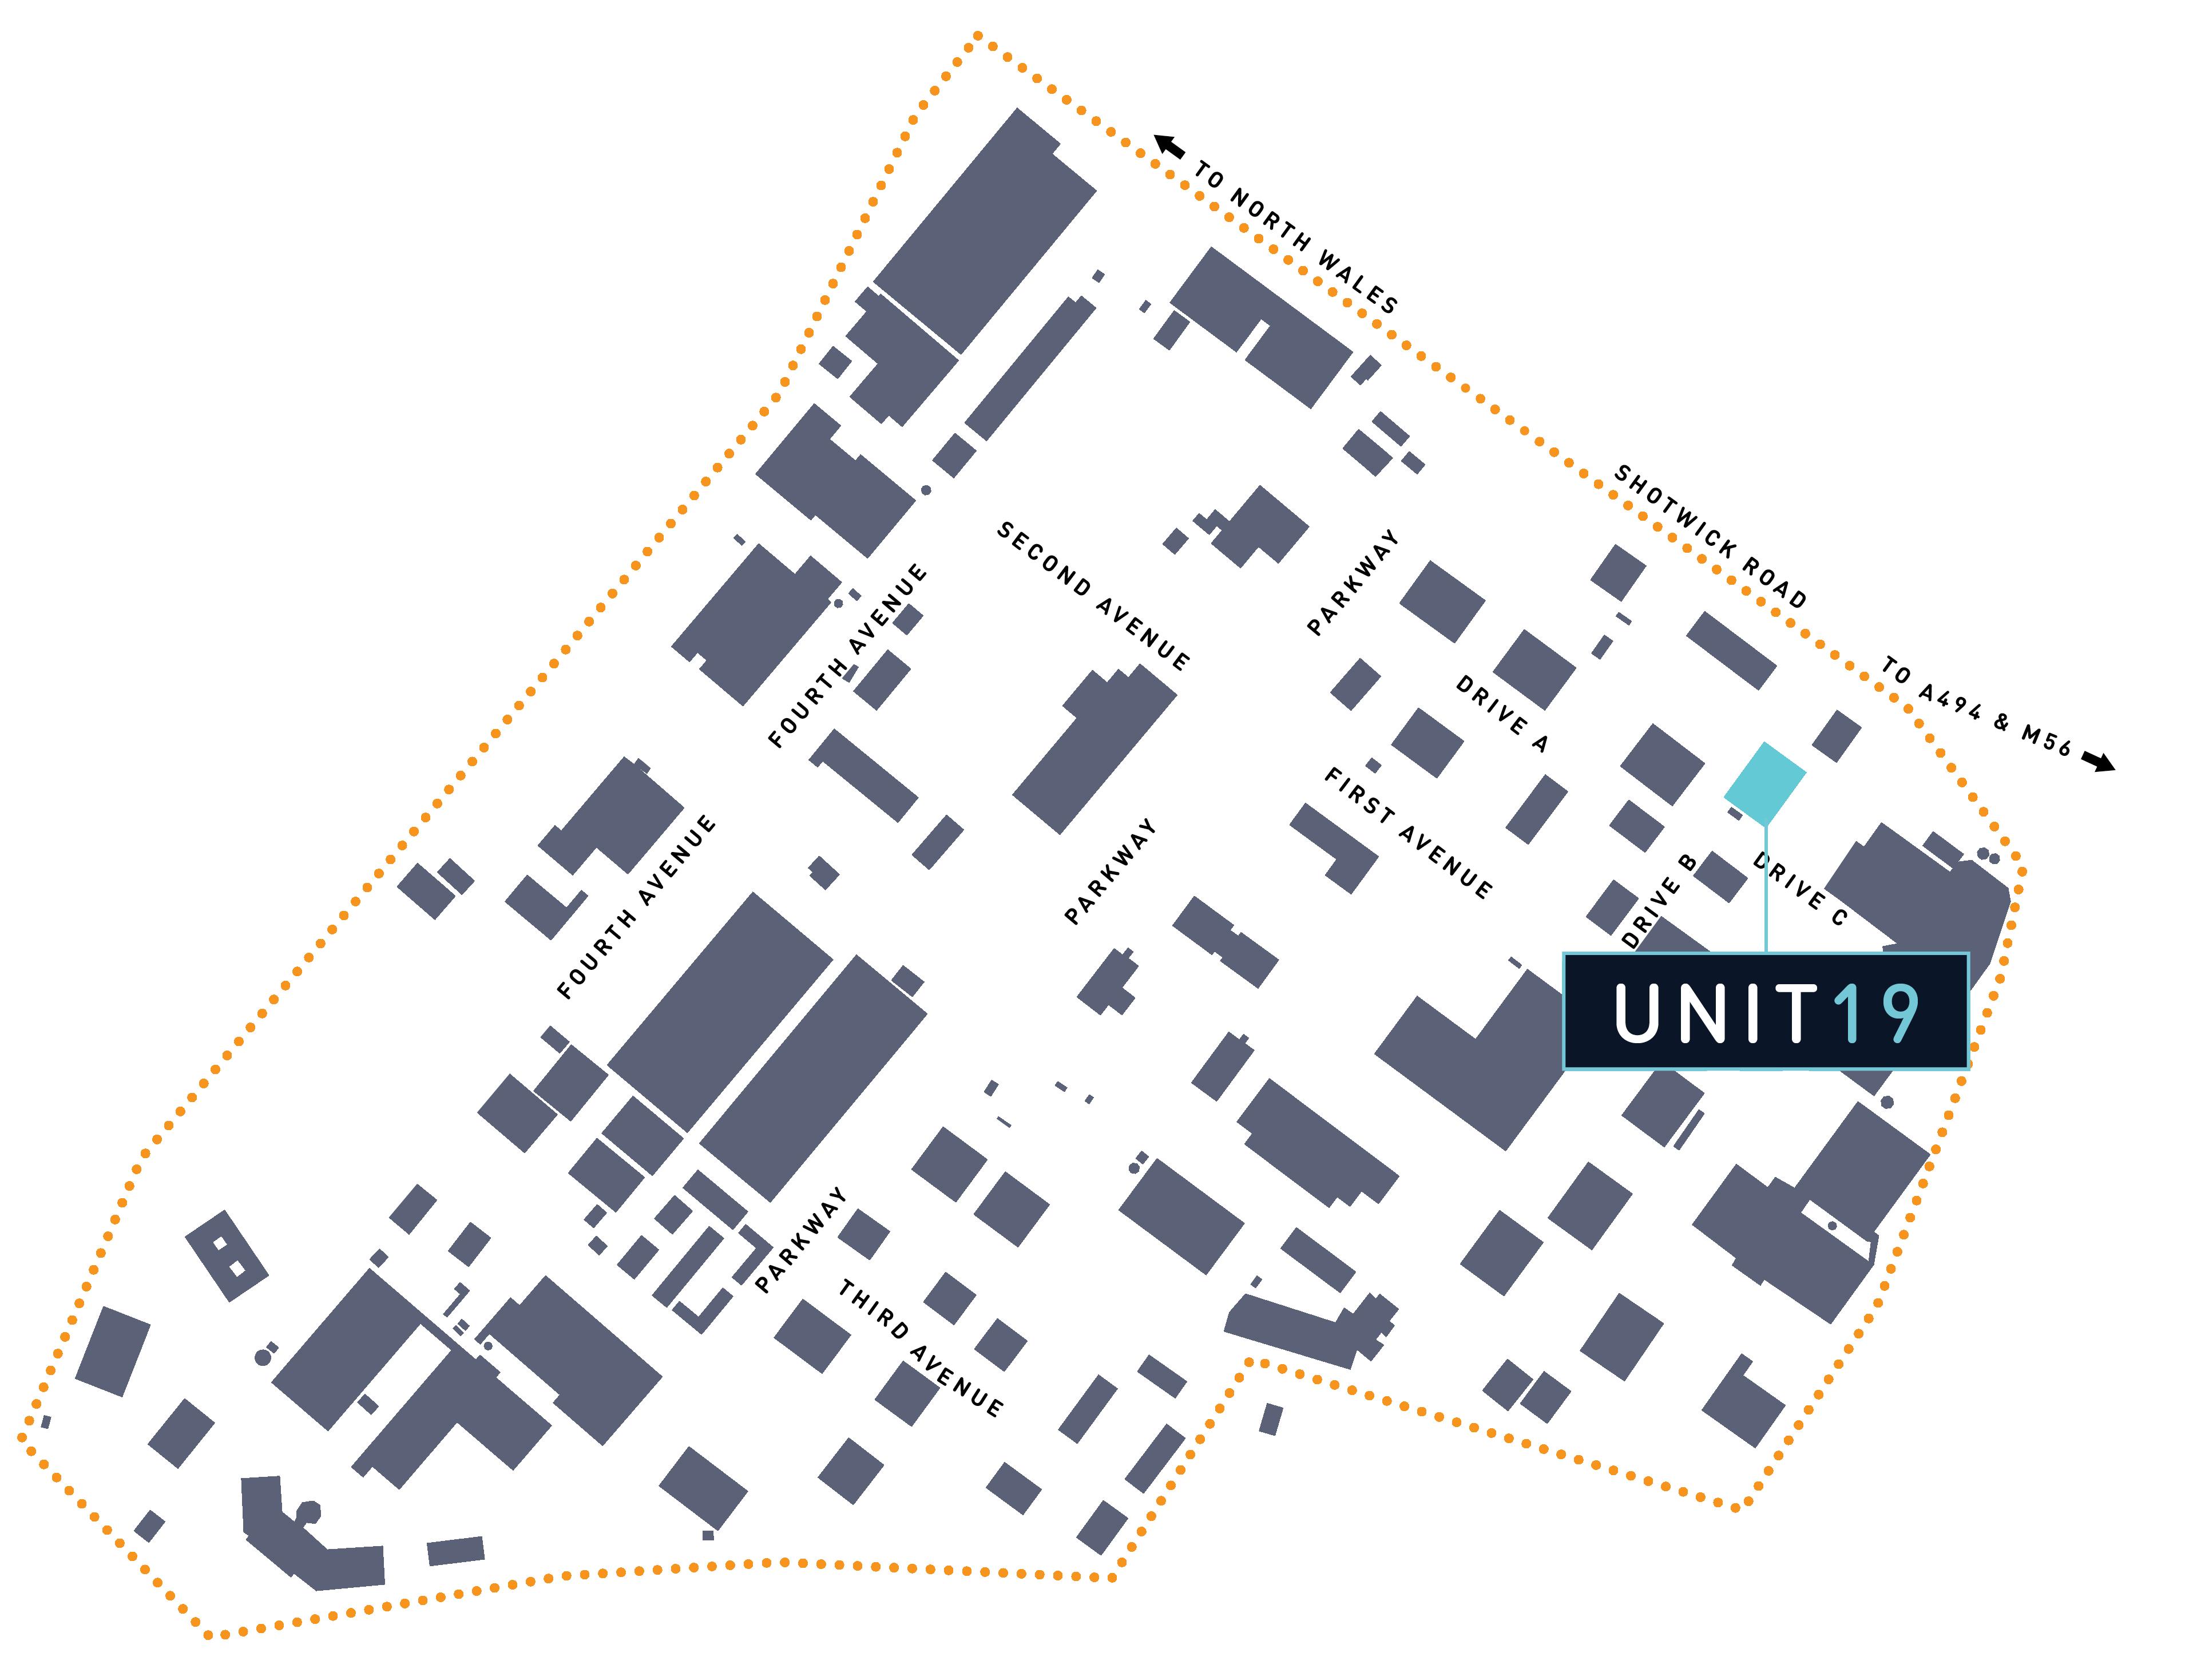 Unit 19 Plan